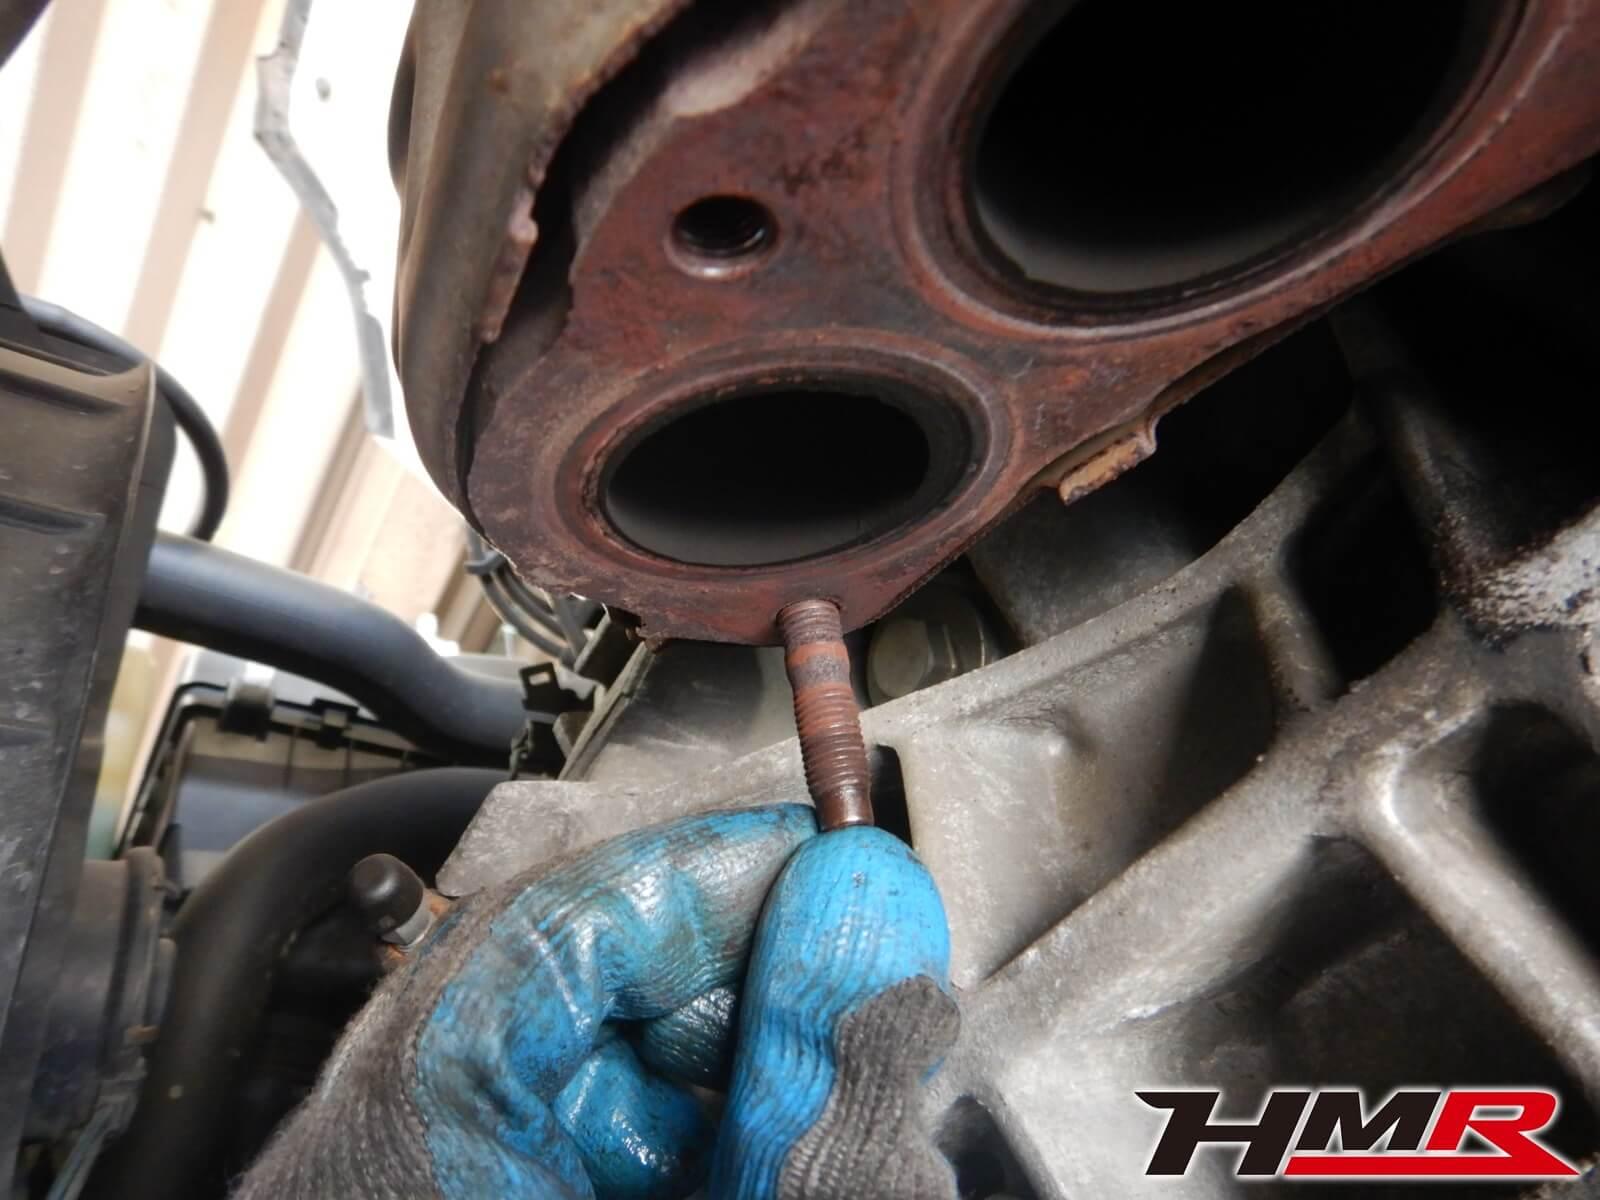 シビックタイプR(EK9) スタッドボルト修理